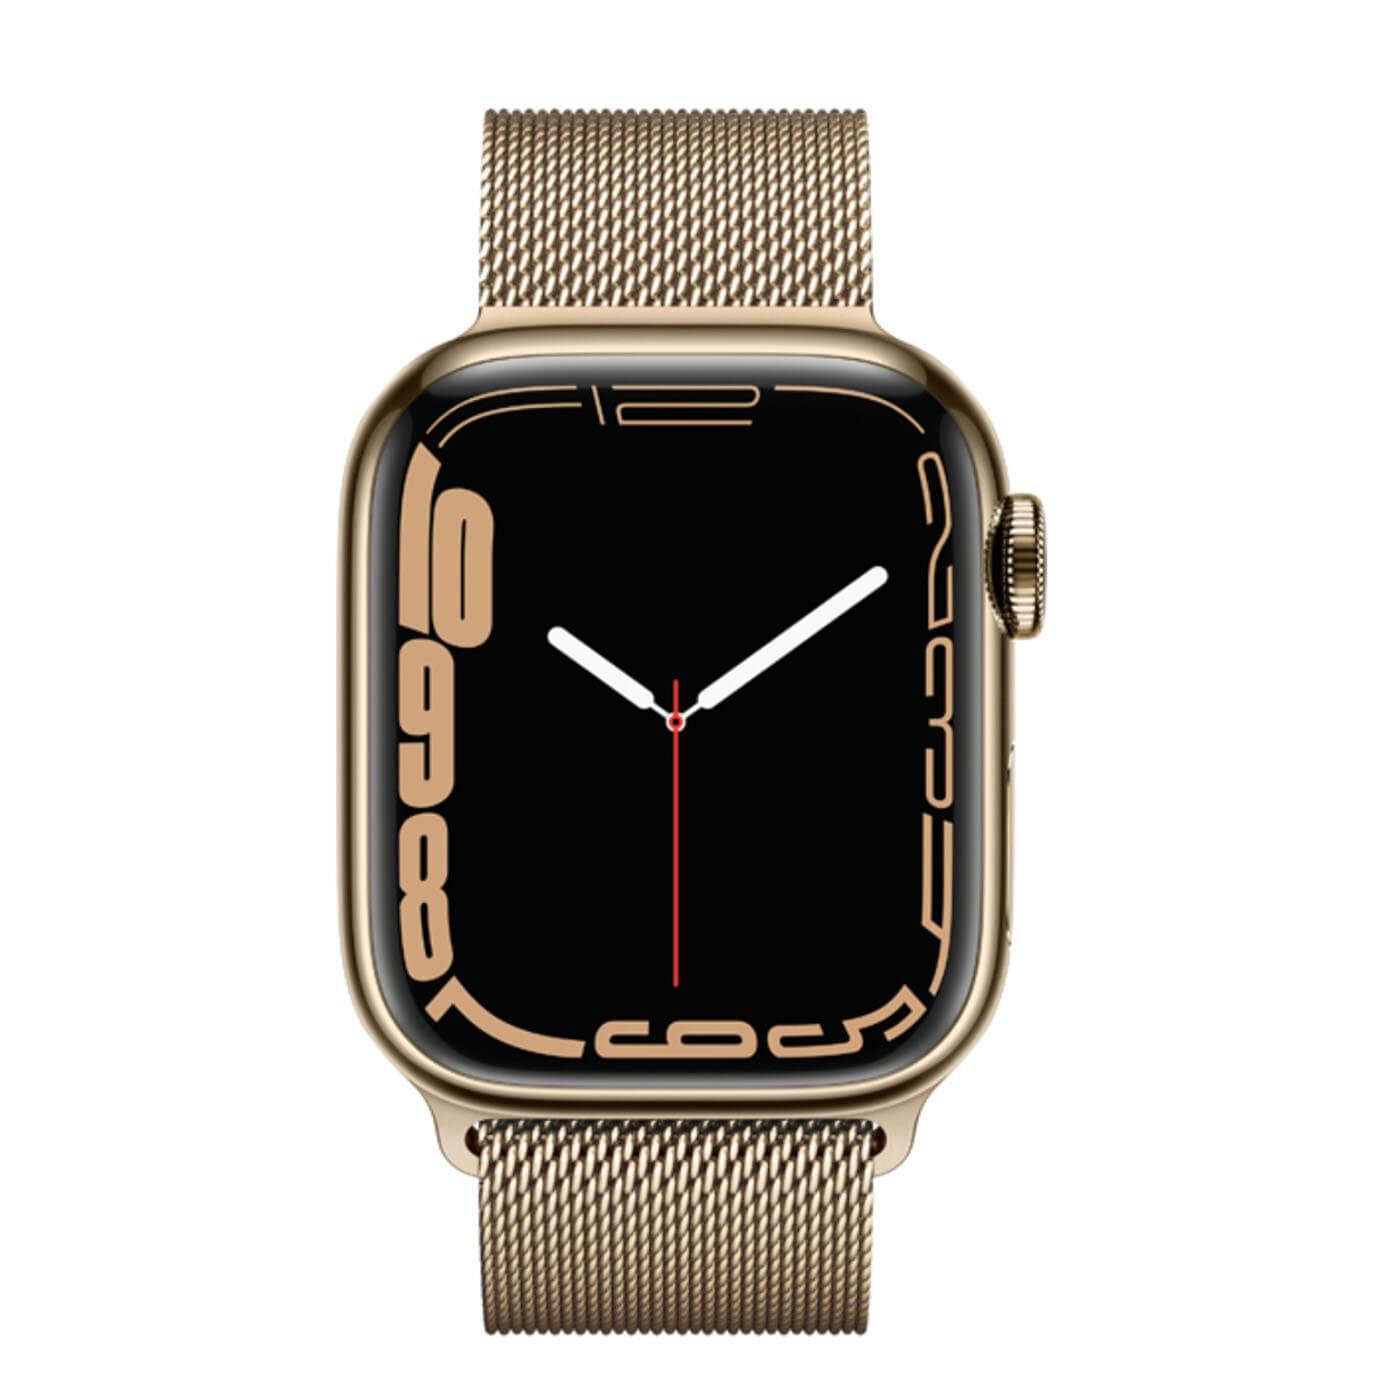 Apple Watch Series 7 Rostfri stålboett med Milaneselänk - Guld